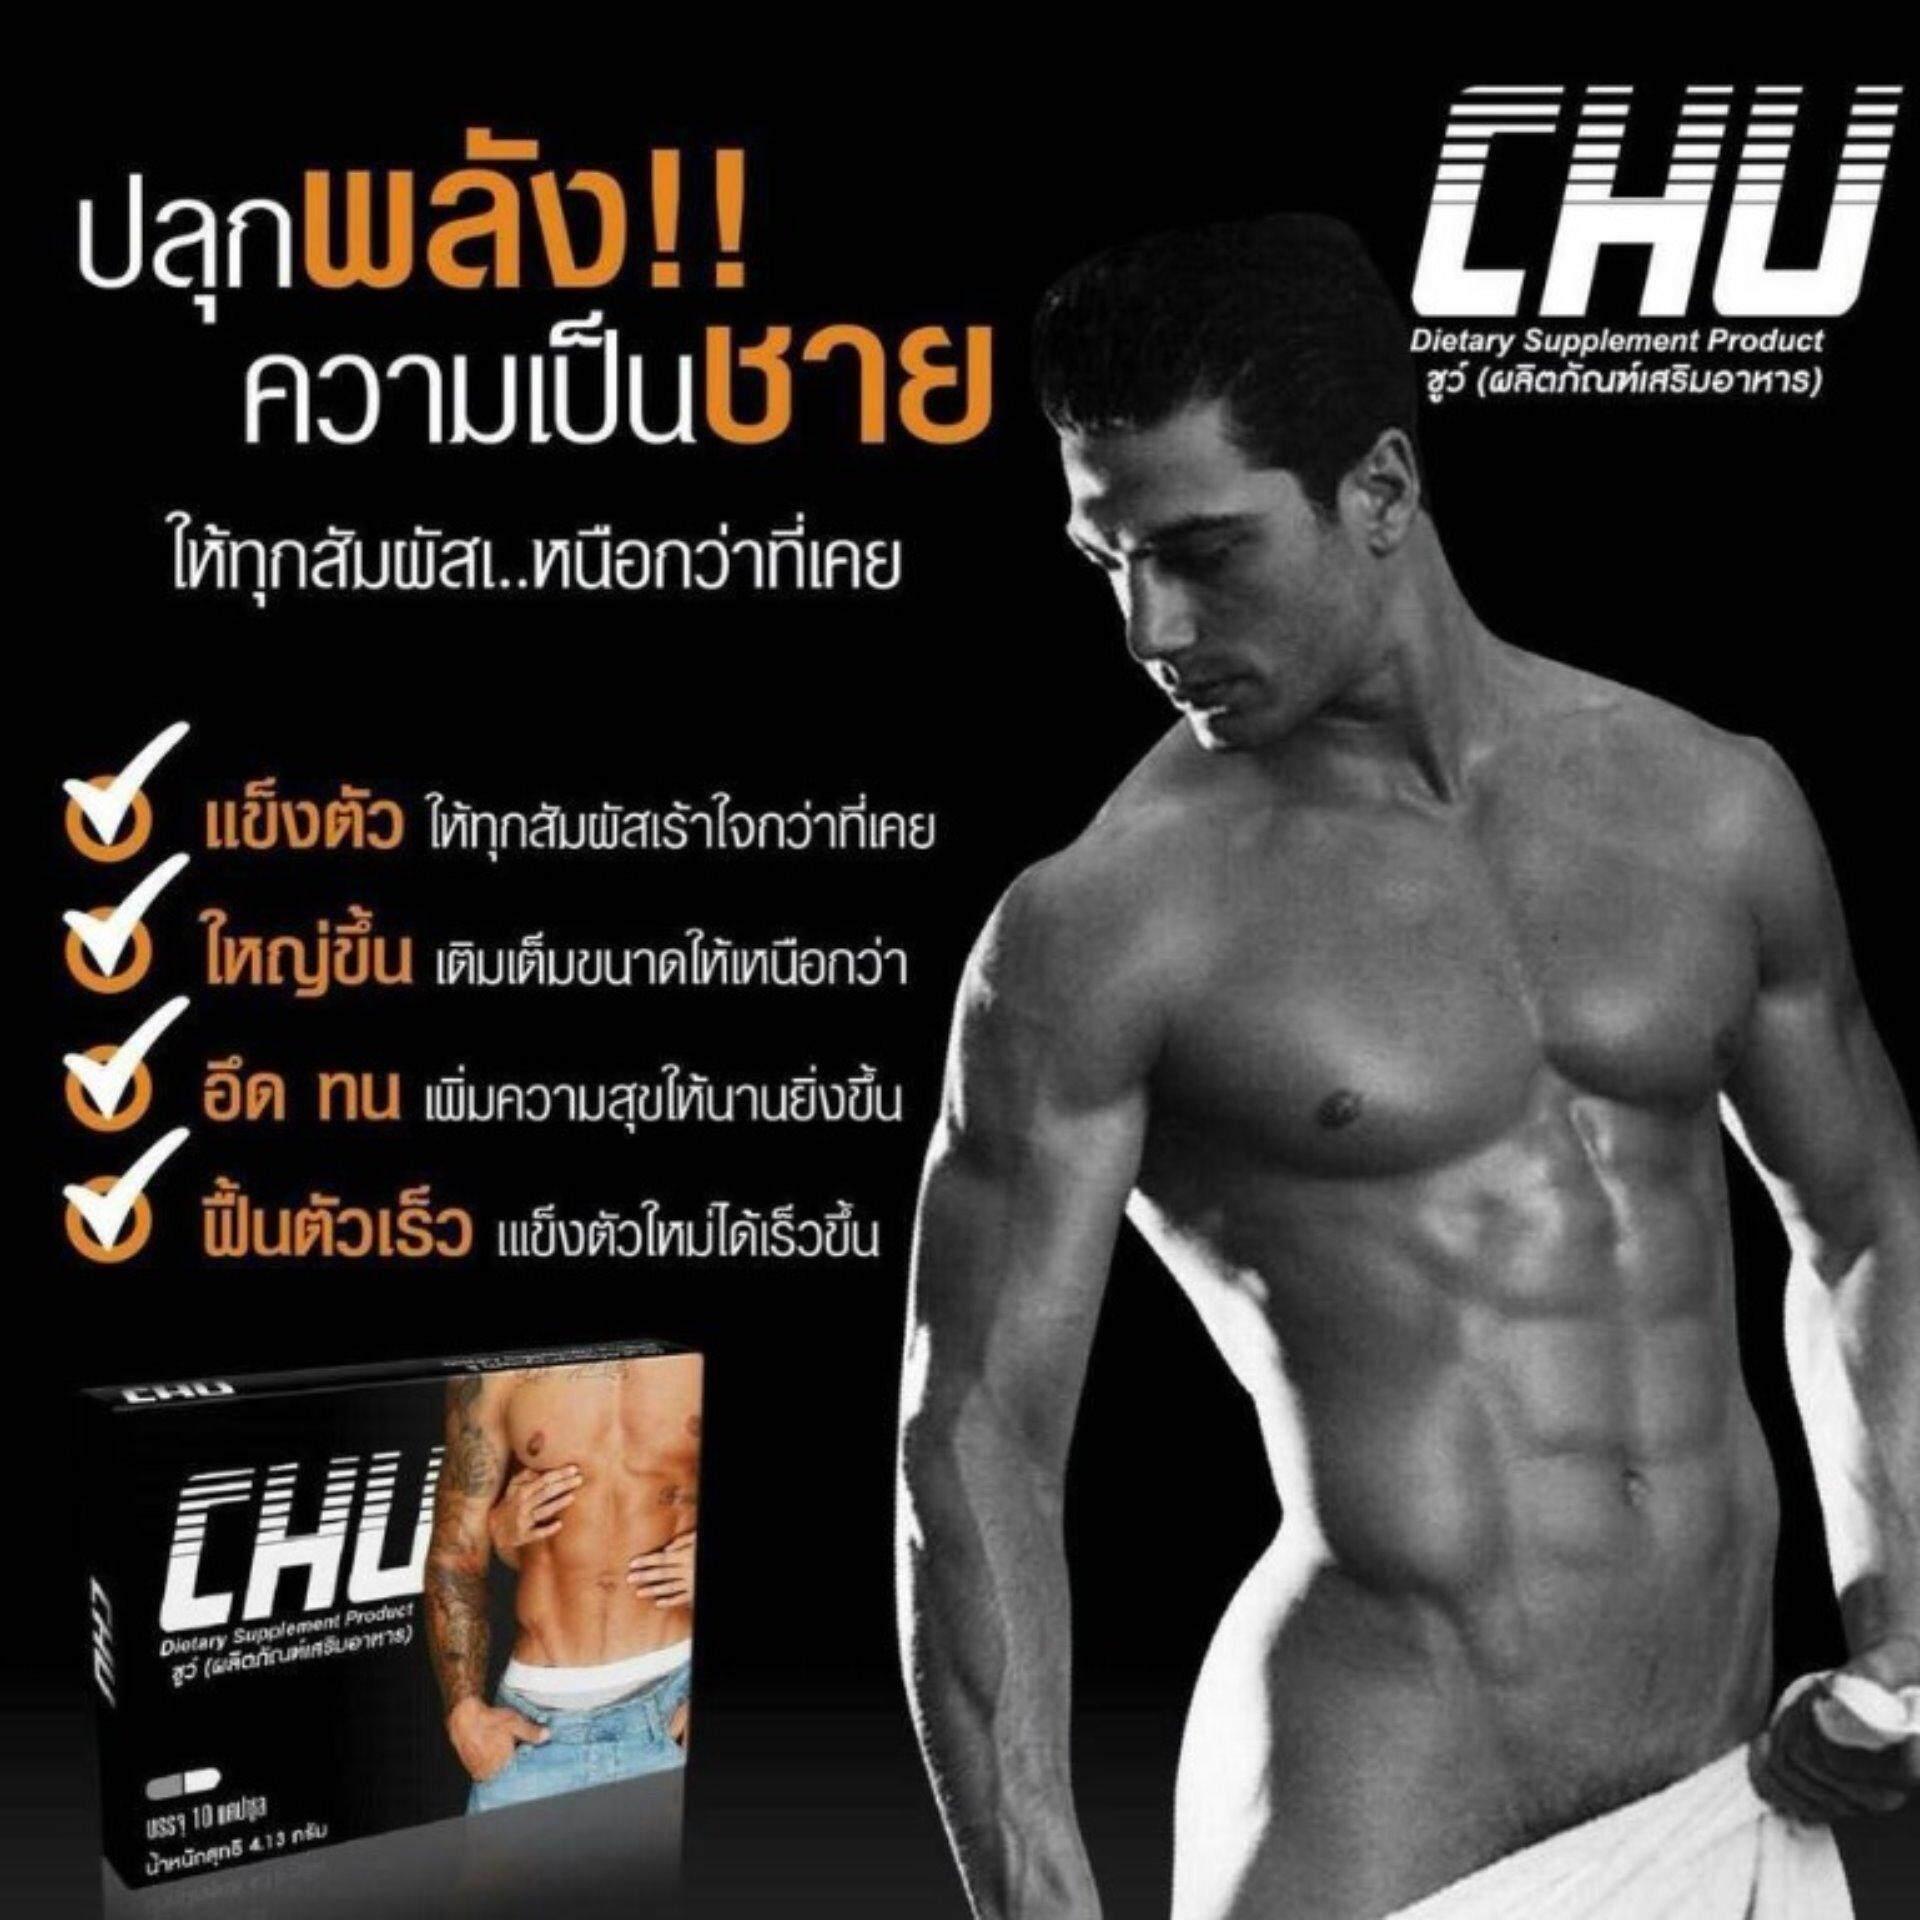 CHU ชูว์  อาหารเสริมสมรรถภาพทางเพศท่านชาย